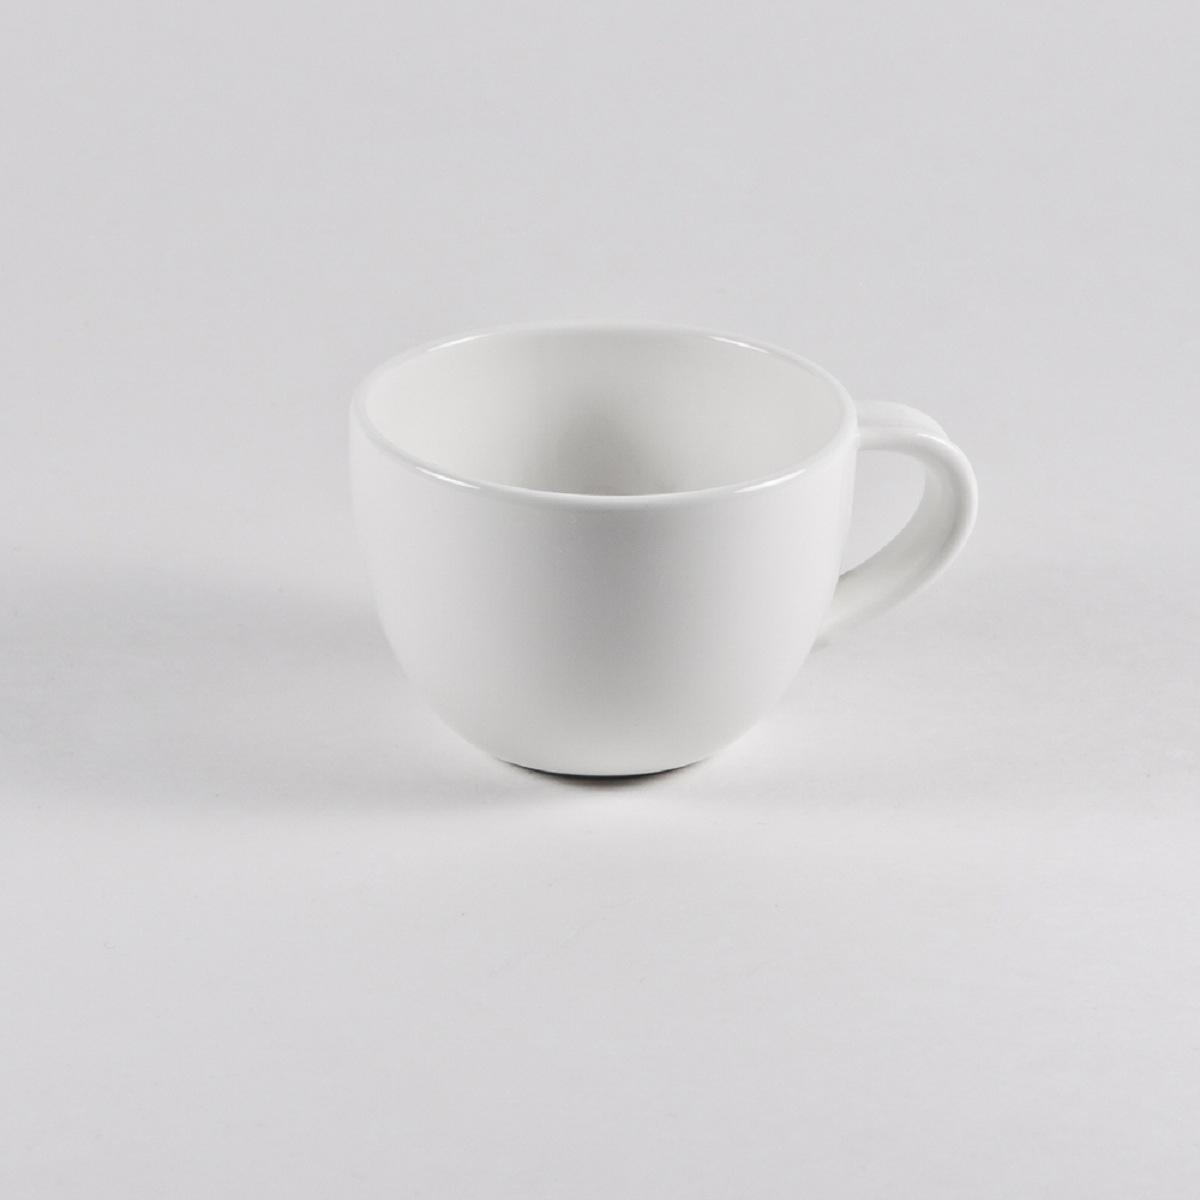 Чашка кофейная Royal Porcelain Максадьюра, 120 млРП-8518ROYAL новый уникальный продукт на рынке фарфора производится из материала, в состав которого входит алюминиум (глинозем) в виде порошка, что придаёт фарфору уникальные свойства: белоснежный цвет, как на поверхности, так и на изломе, более тонкие и изящные формы, так как добавление металла делает фарфоровую массу более пластичной, устойчивость к сколам и царапинам. Возможный перепад температур при эксплуатации до 200 градусов! Фарфор покрывается глазурью, что характеризует эту посуду как продукт высшего класса. Идеально подходит для использования в микроволновой печи и посудомоечной машине